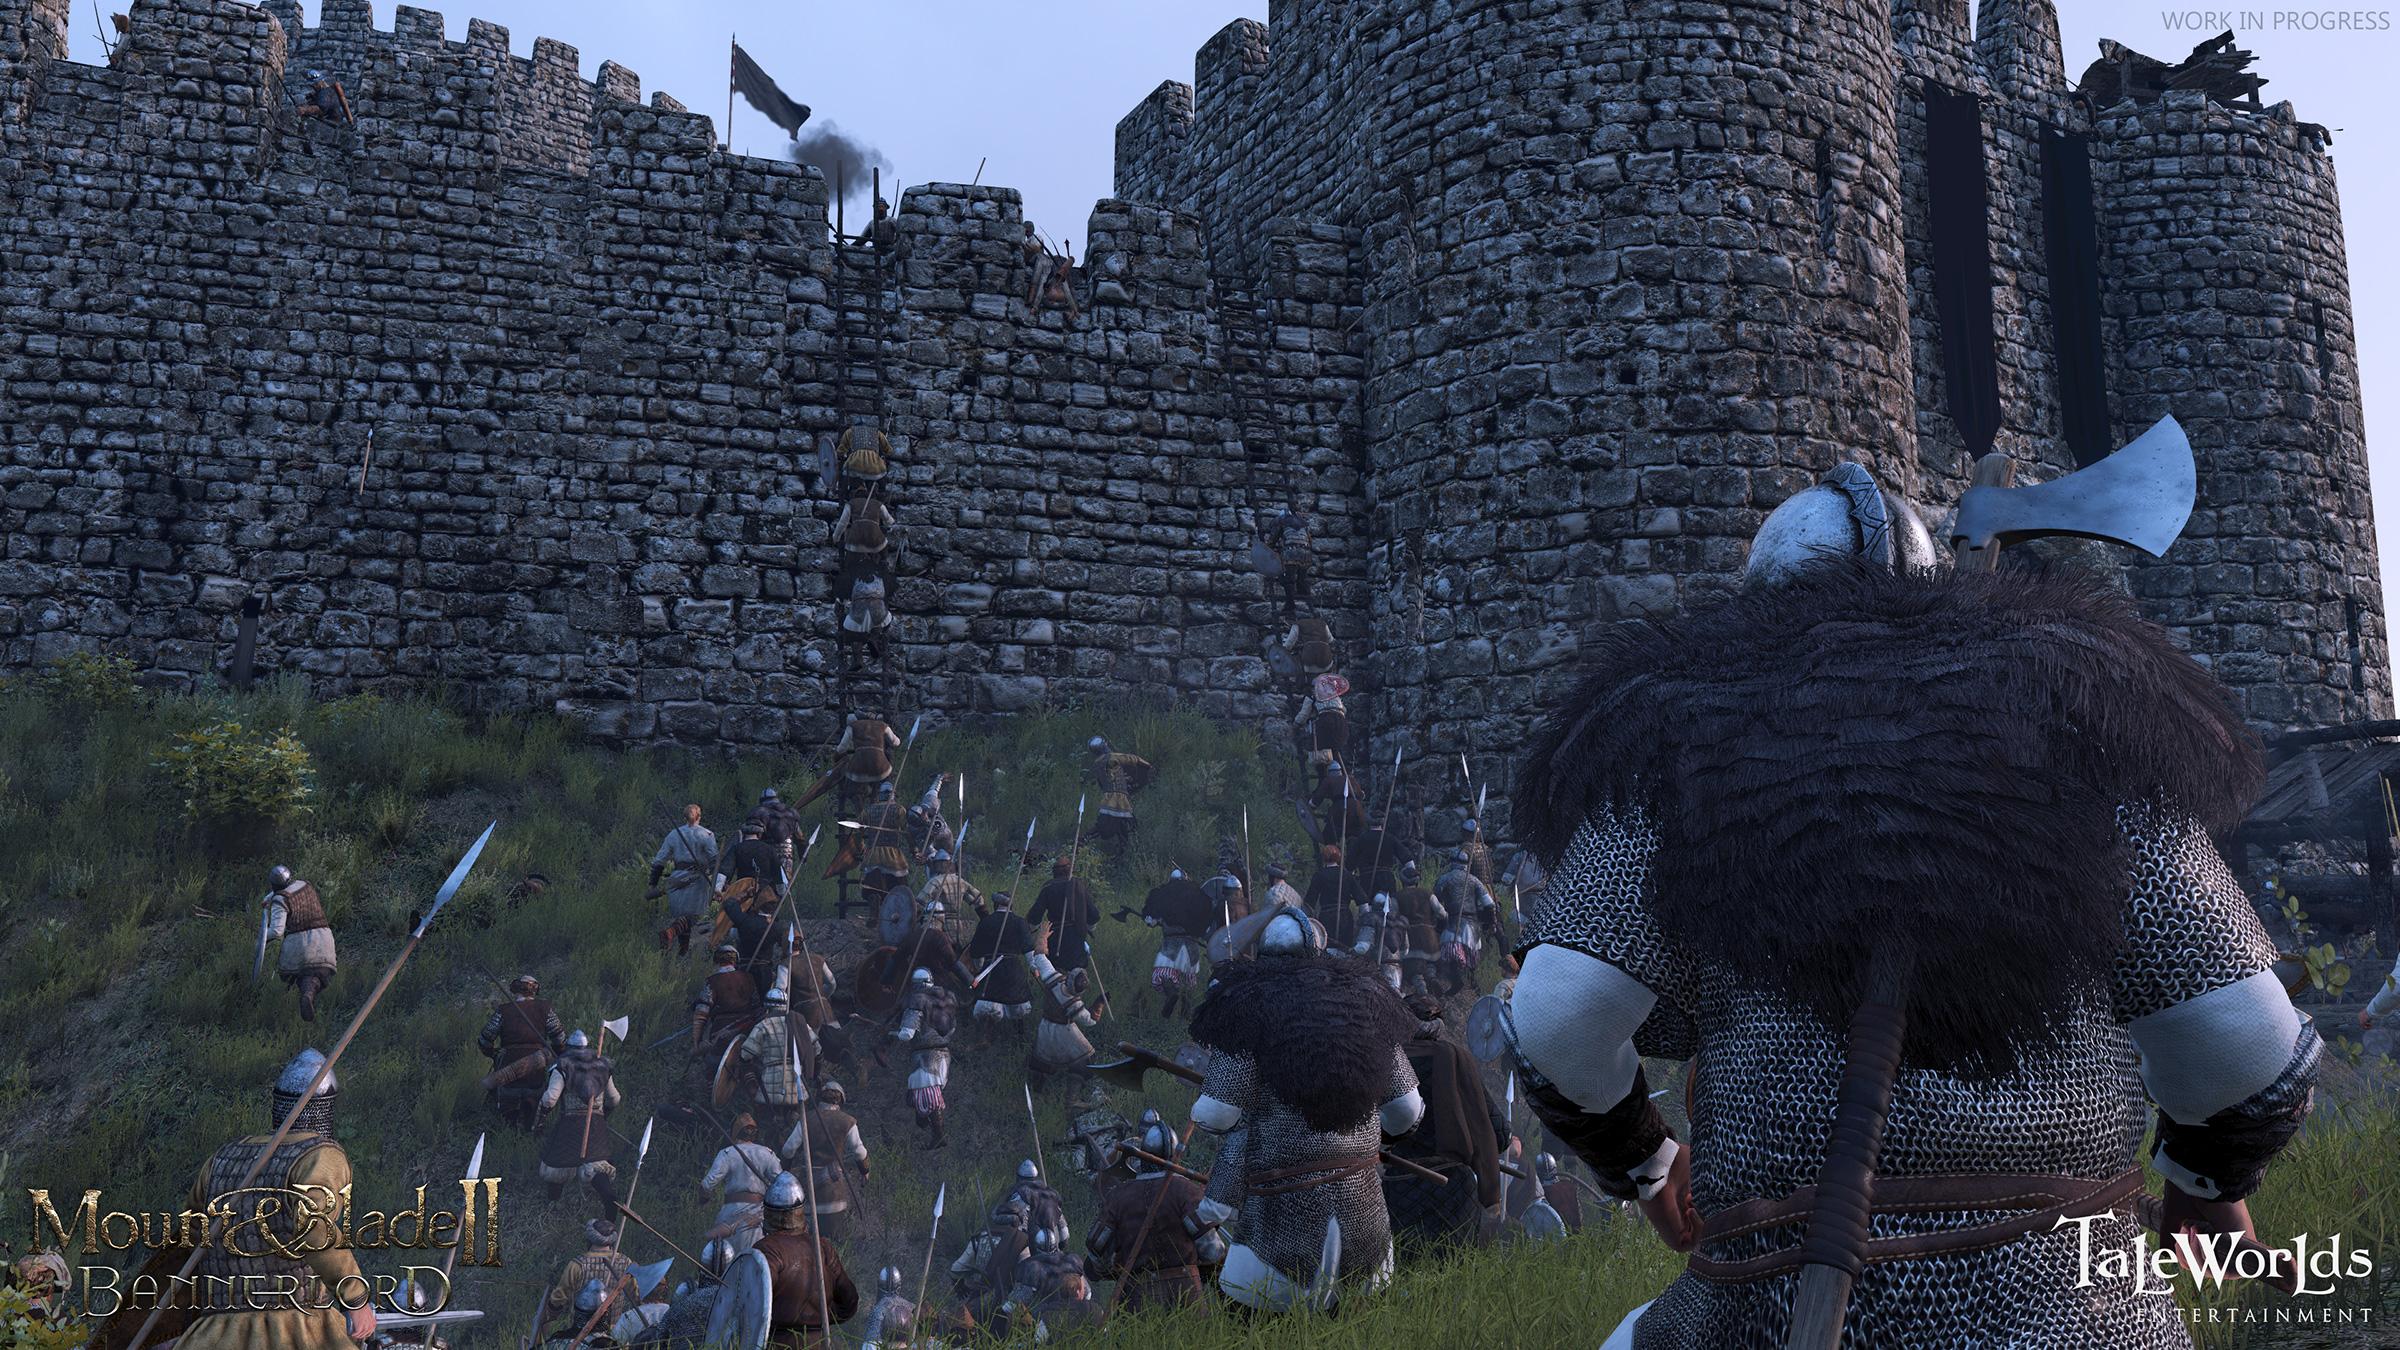 Bannerlord en el E3 2016: Gameplay de asedios - Página 4 Ss-004